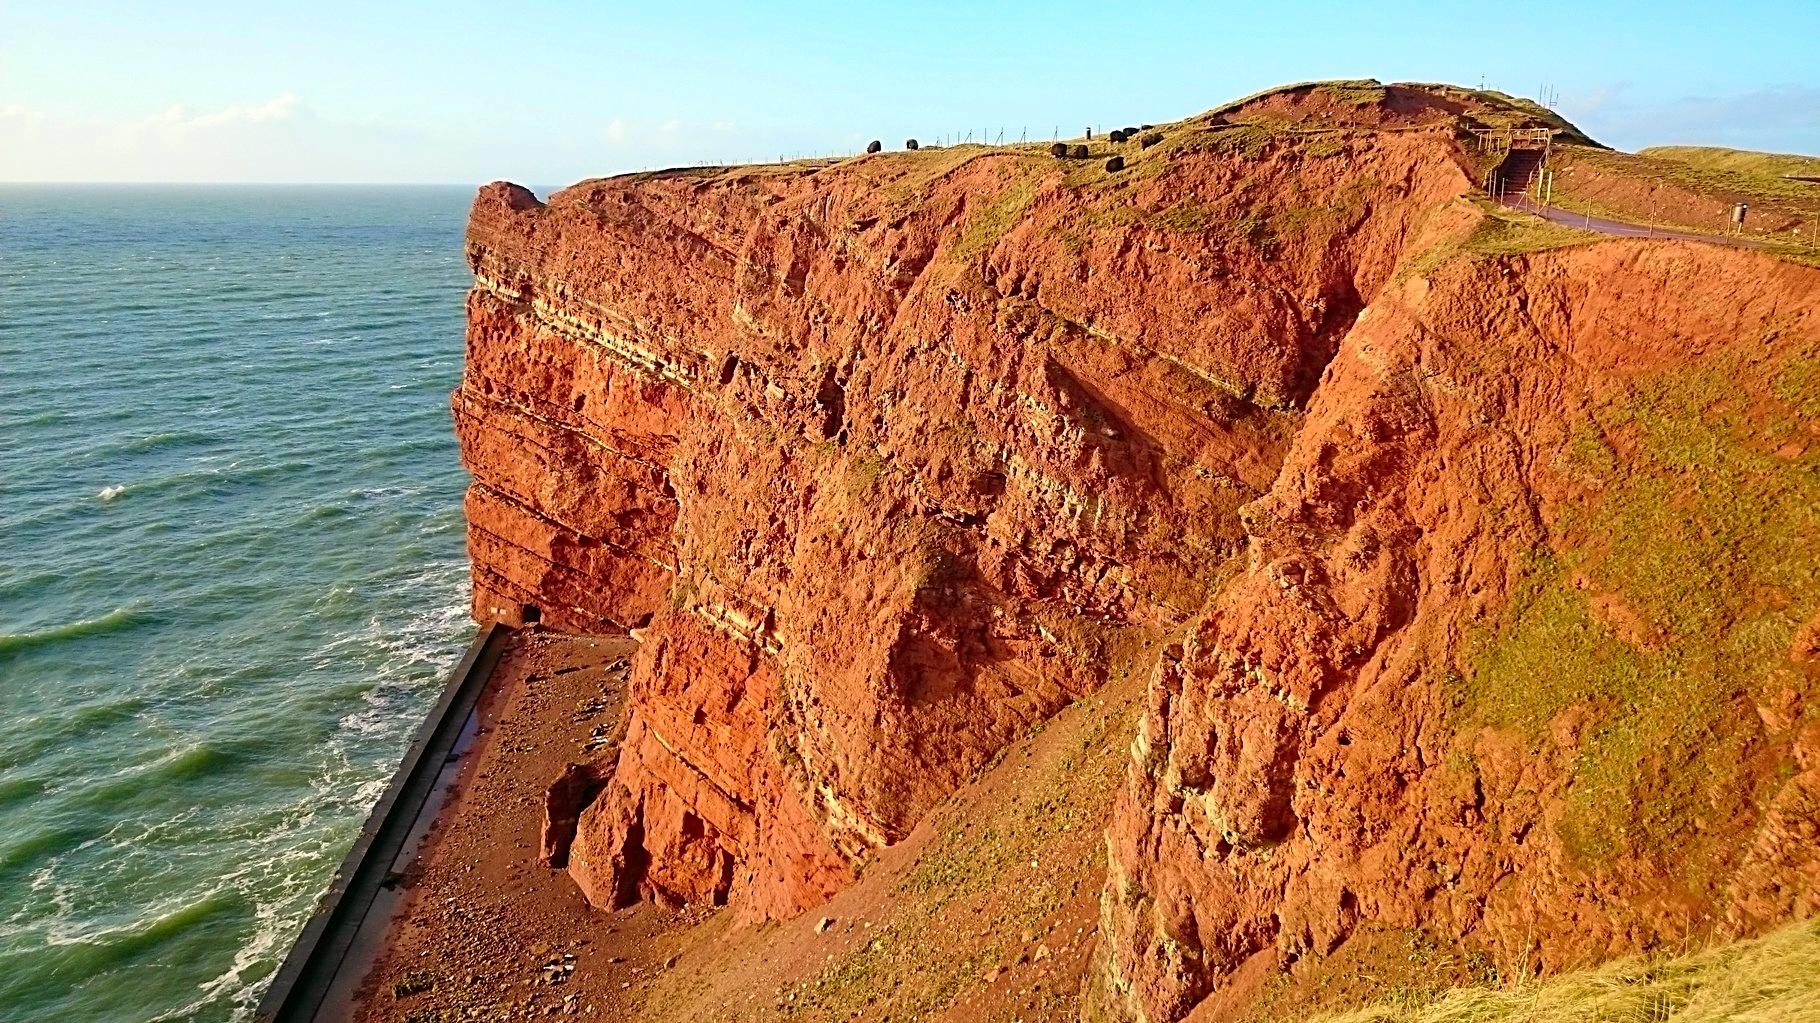 Der rote Felsen der Insel Helgoland